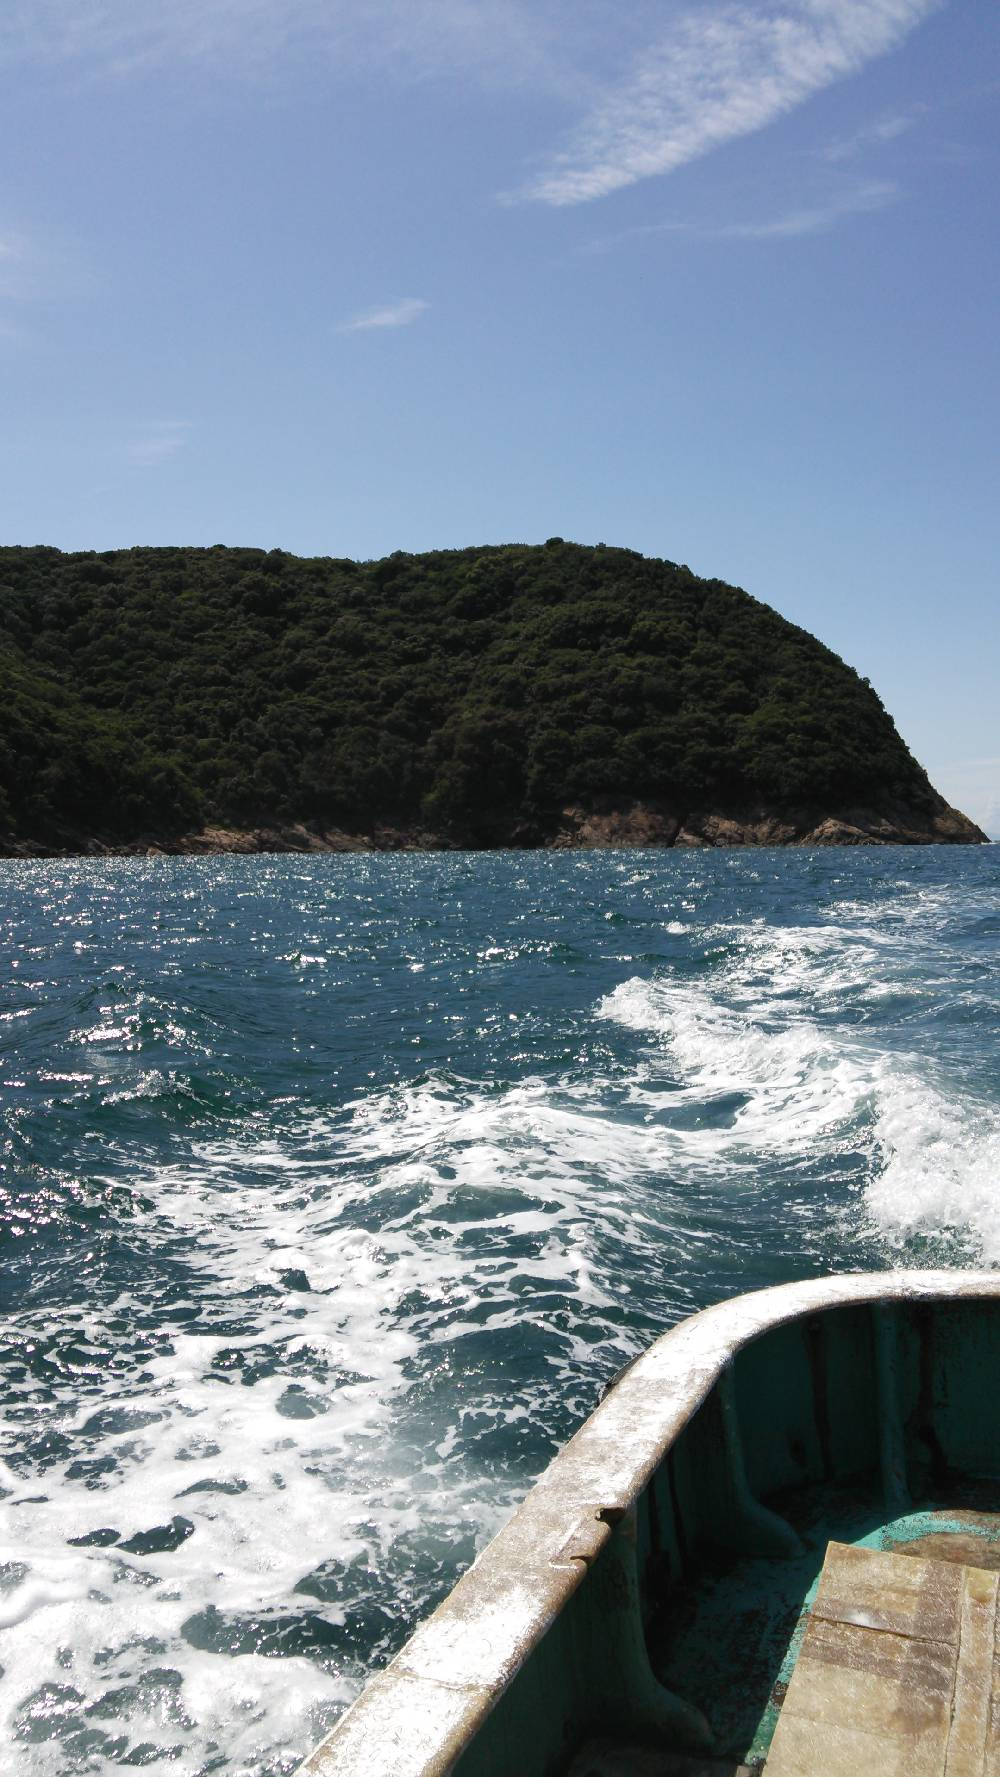 エギングの時期 和歌山の夏 2017エギング夏の投稿まとめ②!